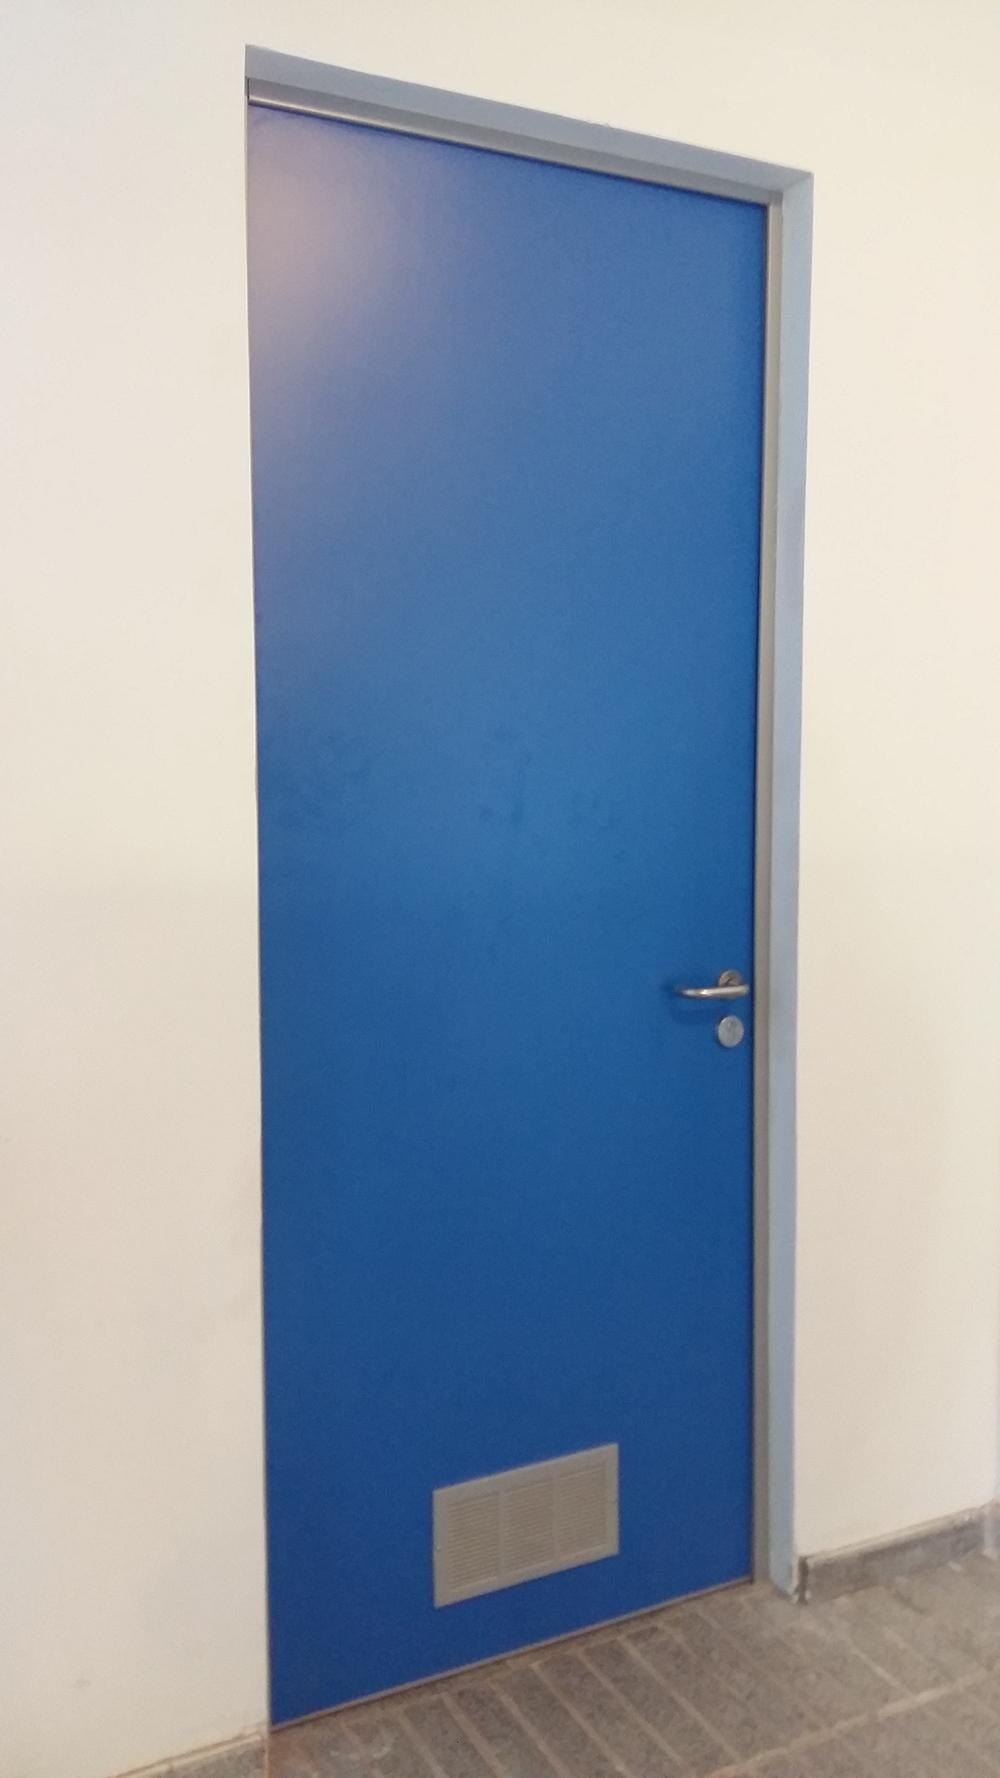 Puertas Cortafuego en el Colegio Alianza Francesa de Colina